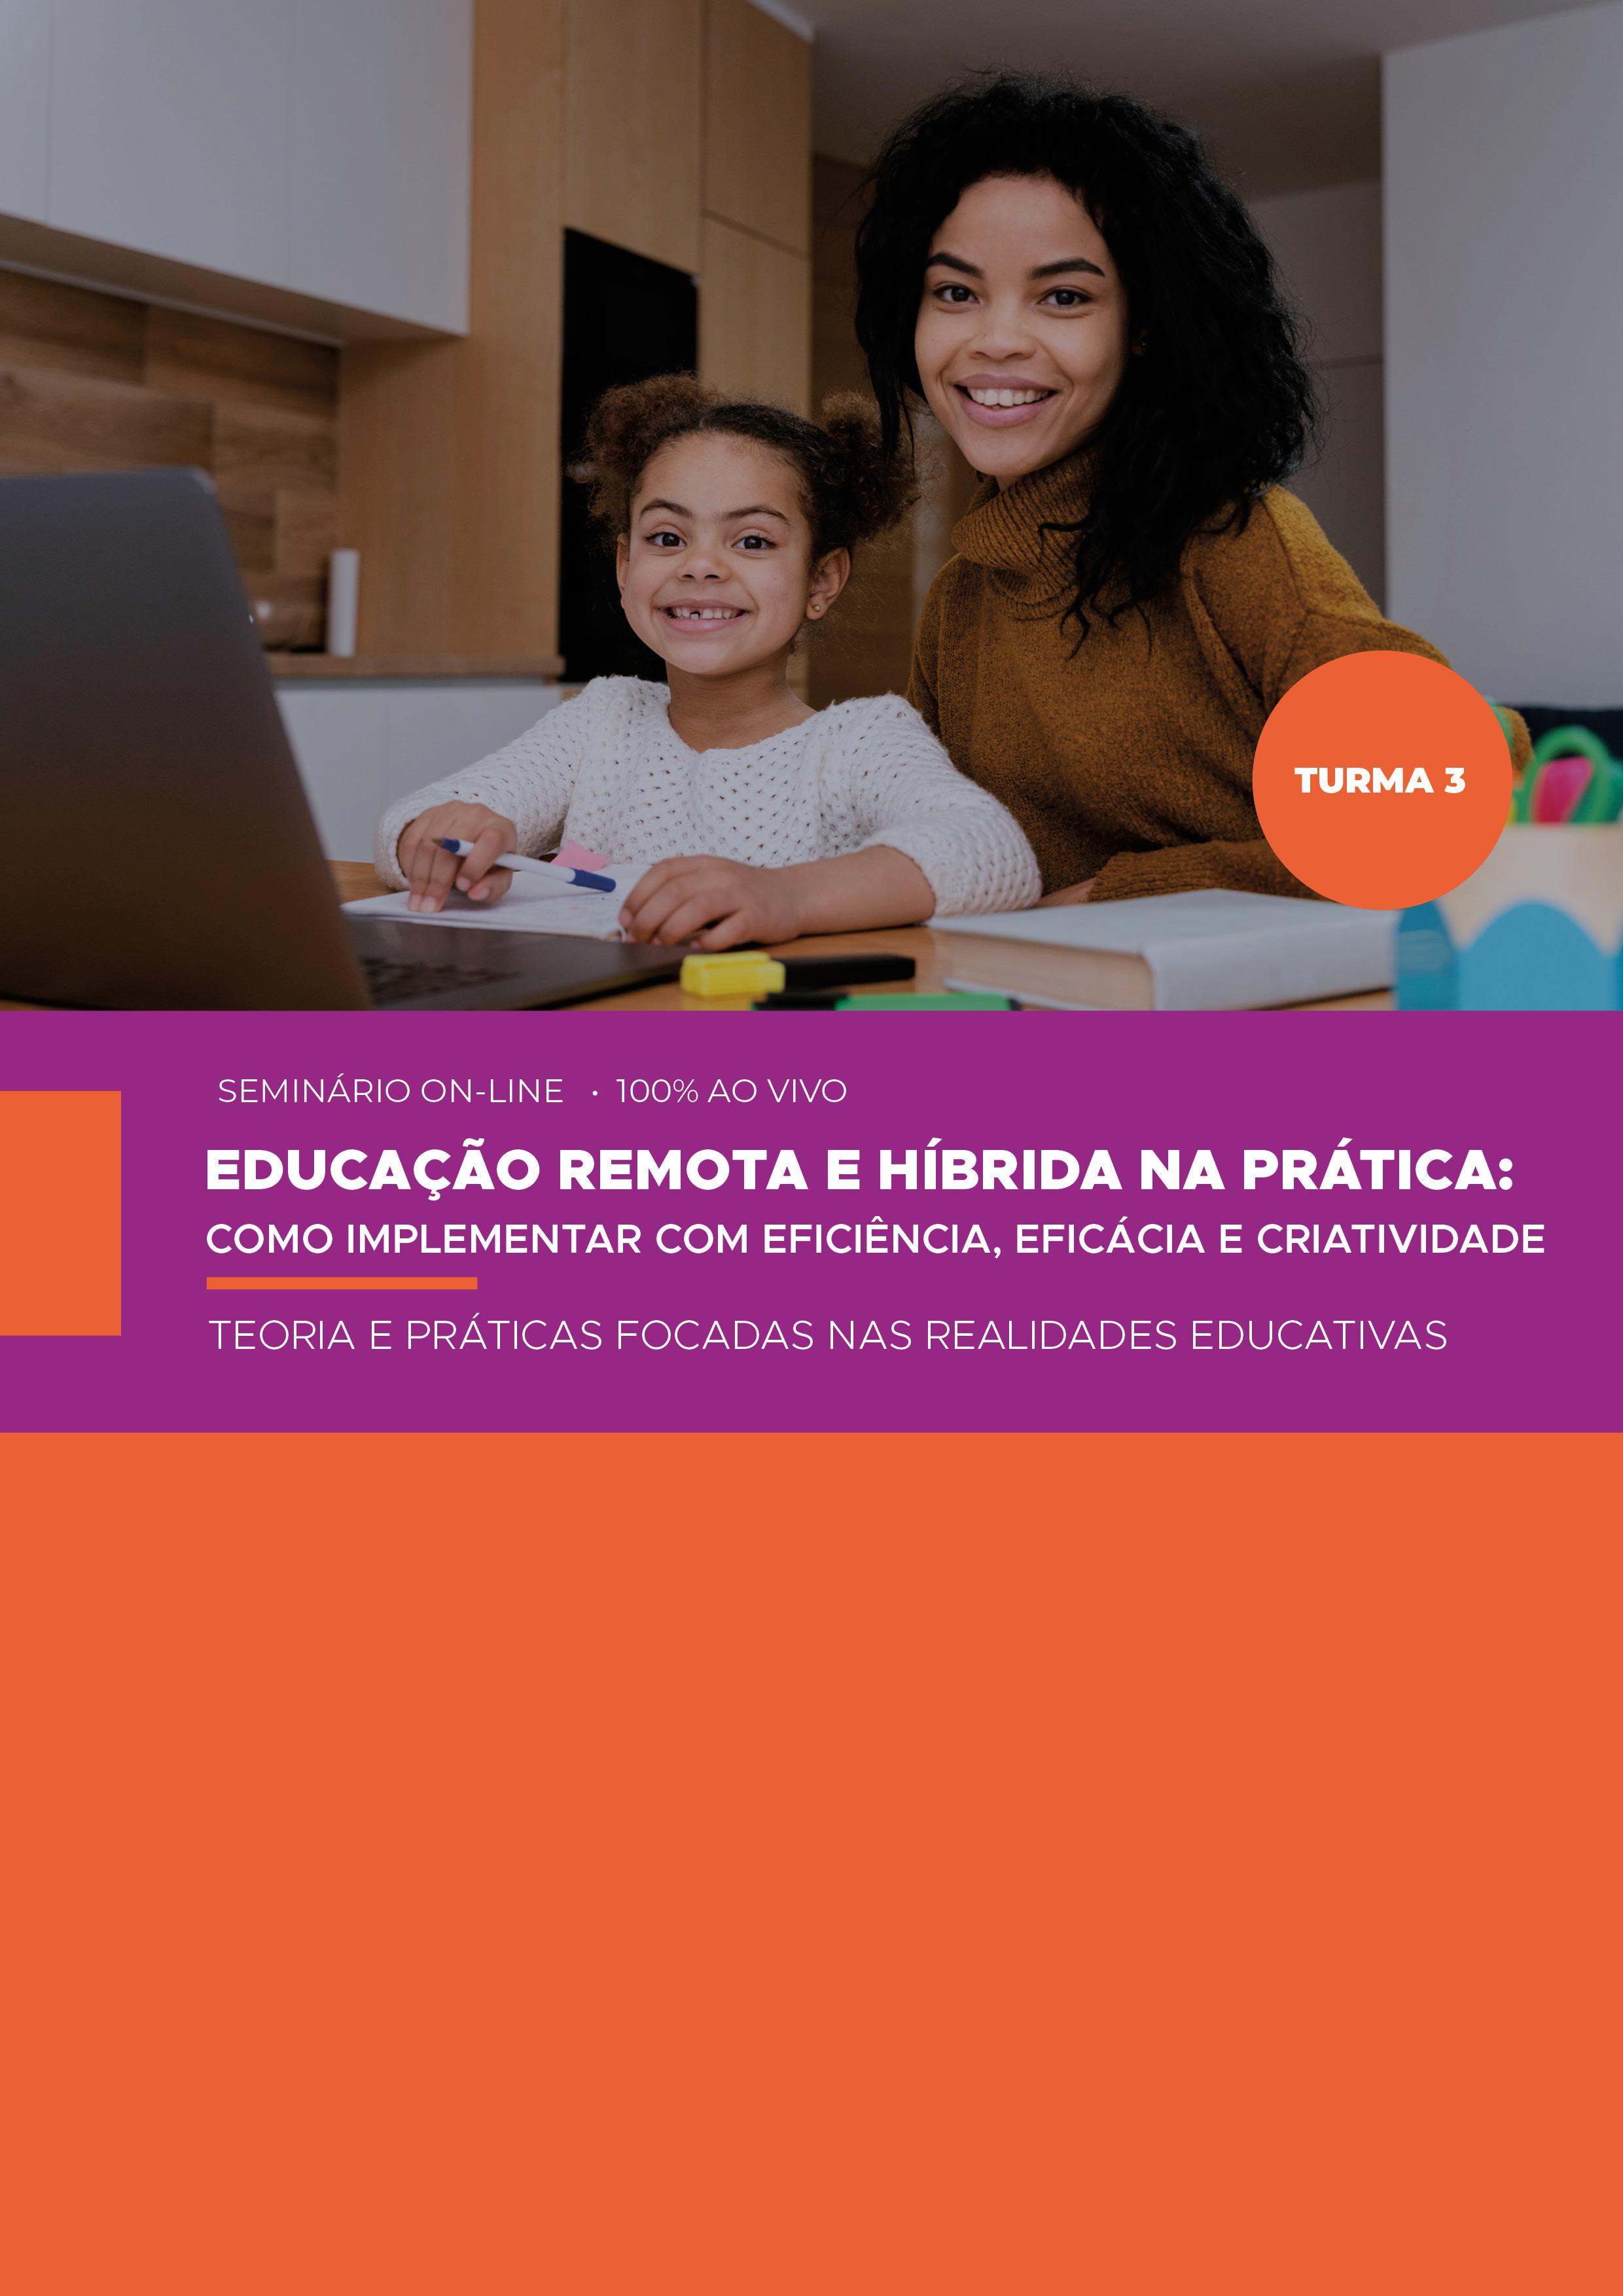 EDUCAÇÃO REMOTA E HÍBRIDA NA PRÁTICA: COMO IMPLEMENTAR COM EFICIÊNCIA, EFICÁCIA E CRIATIVIDADE - TURMA 3